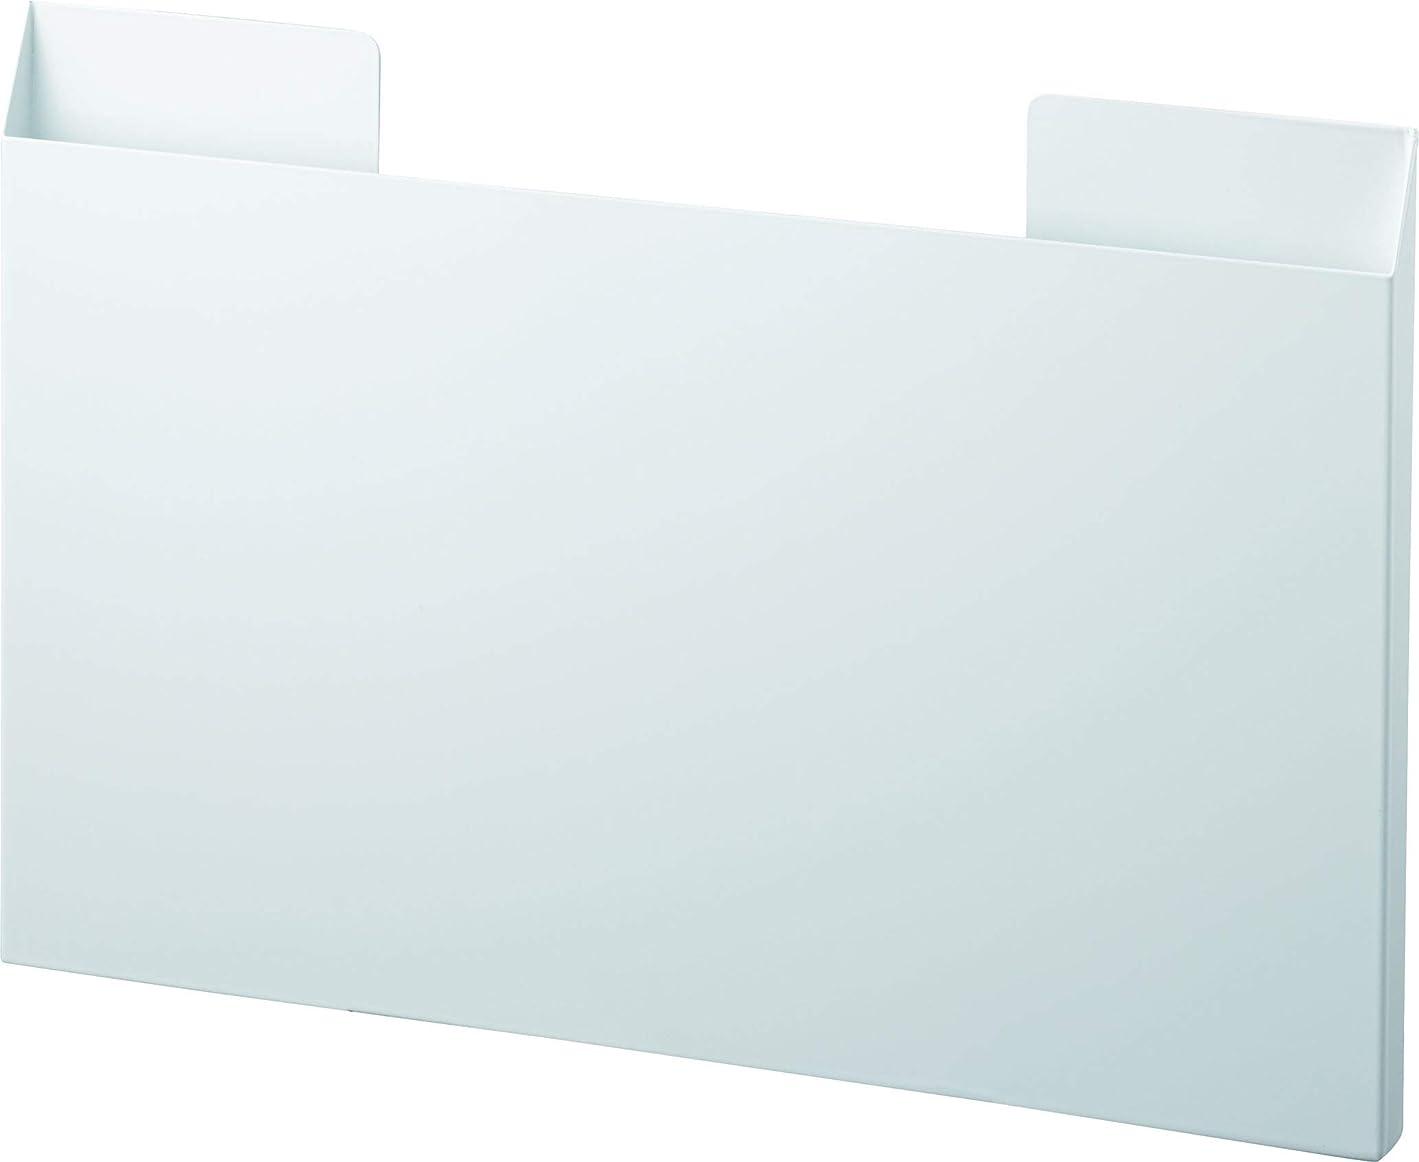 滴下アダルトケイ素山崎実業(Yamazaki) ランチョンマット収納 ホワイト 約W45XD2XH30cm タワー マグネット キッチン 収納 食器棚 冷蔵庫 4796